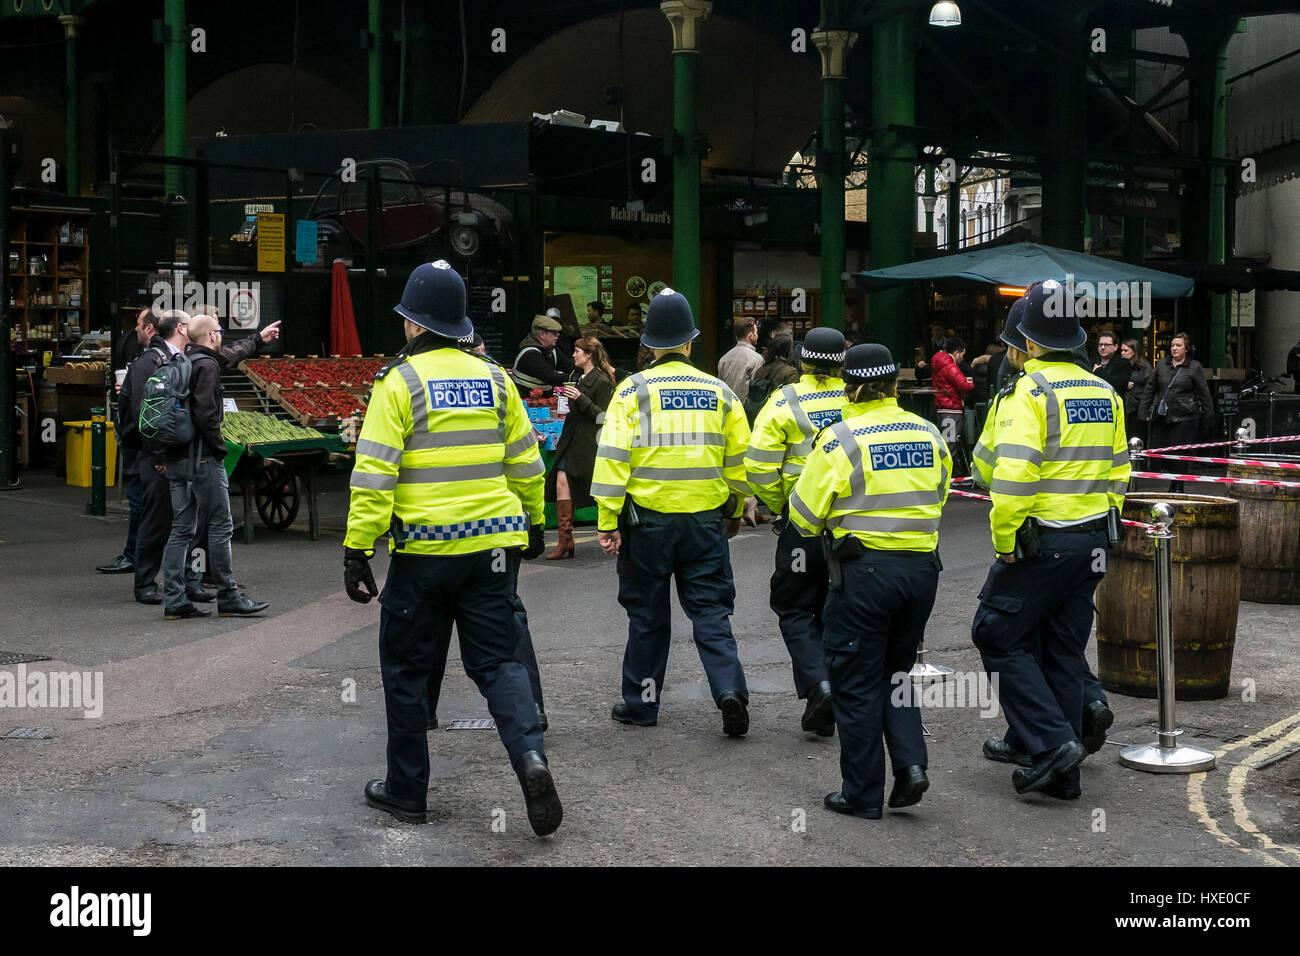 Gruppe Metropolitan Polizei Polizisten zu Fuß Borough Market Anwesenheit der Polizei Sicherheit Schutz london Stockbild